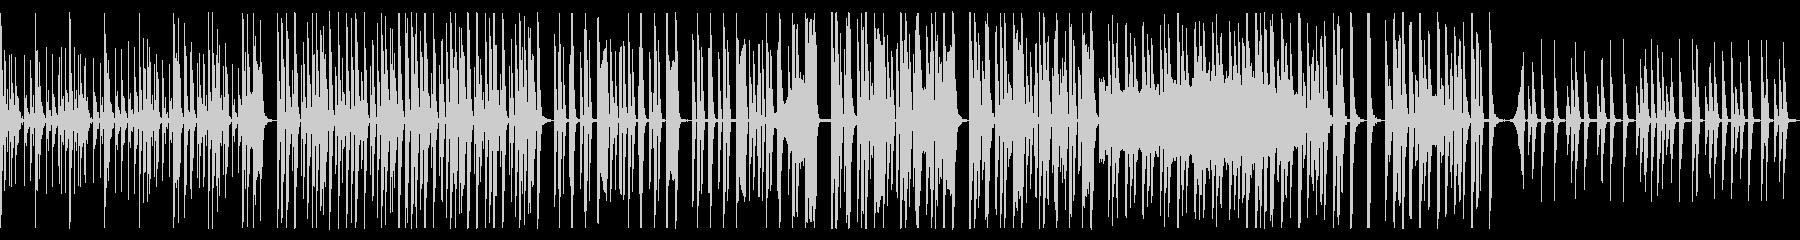 シンプルで音数の少ない変なテクノの未再生の波形